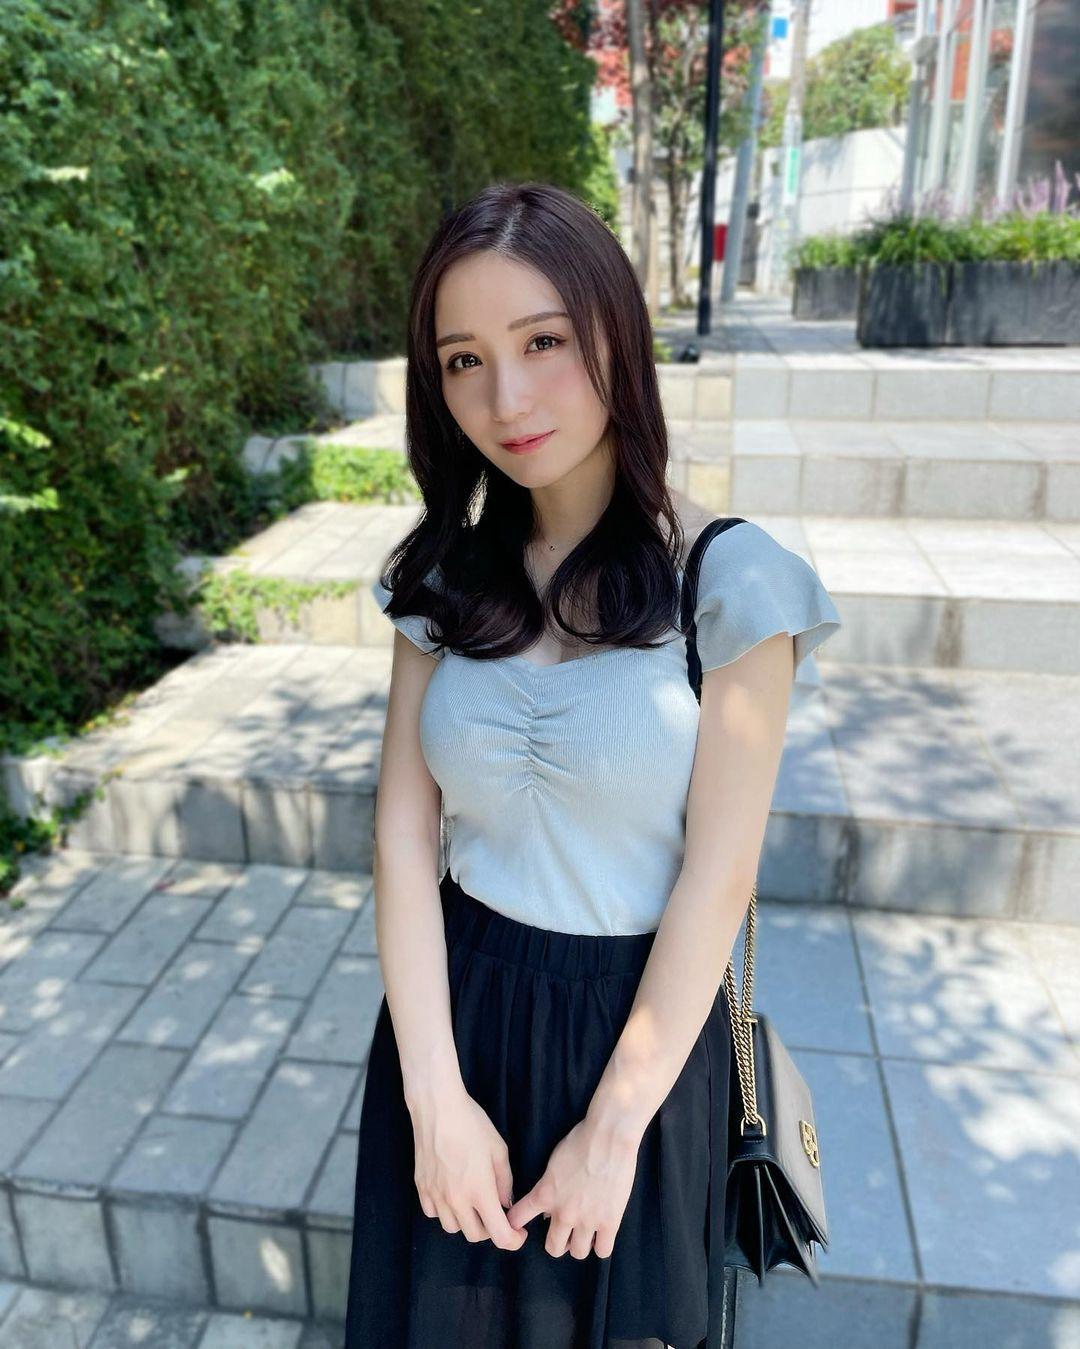 24 岁虎牙妹「伊藤爱真」一拍写真「性感」不藏了